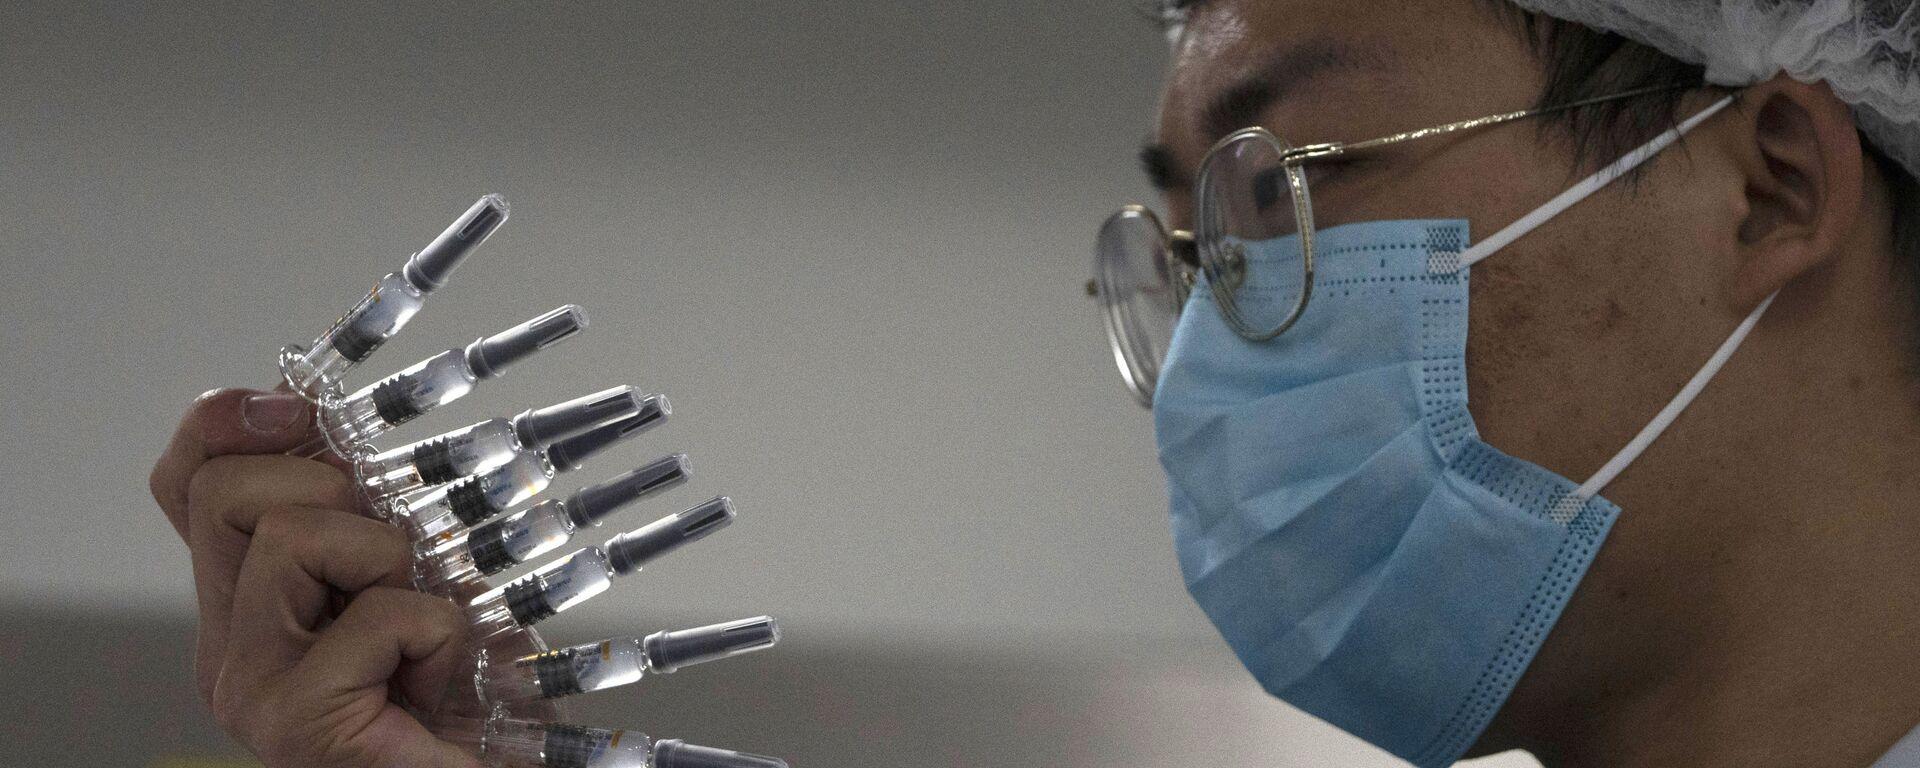 Pracownik kontroluje strzykawki zawierające szczepionkę przeciwko SARS-CoV-2 w fabryce w Pekinie - Sputnik Polska, 1920, 30.09.2021